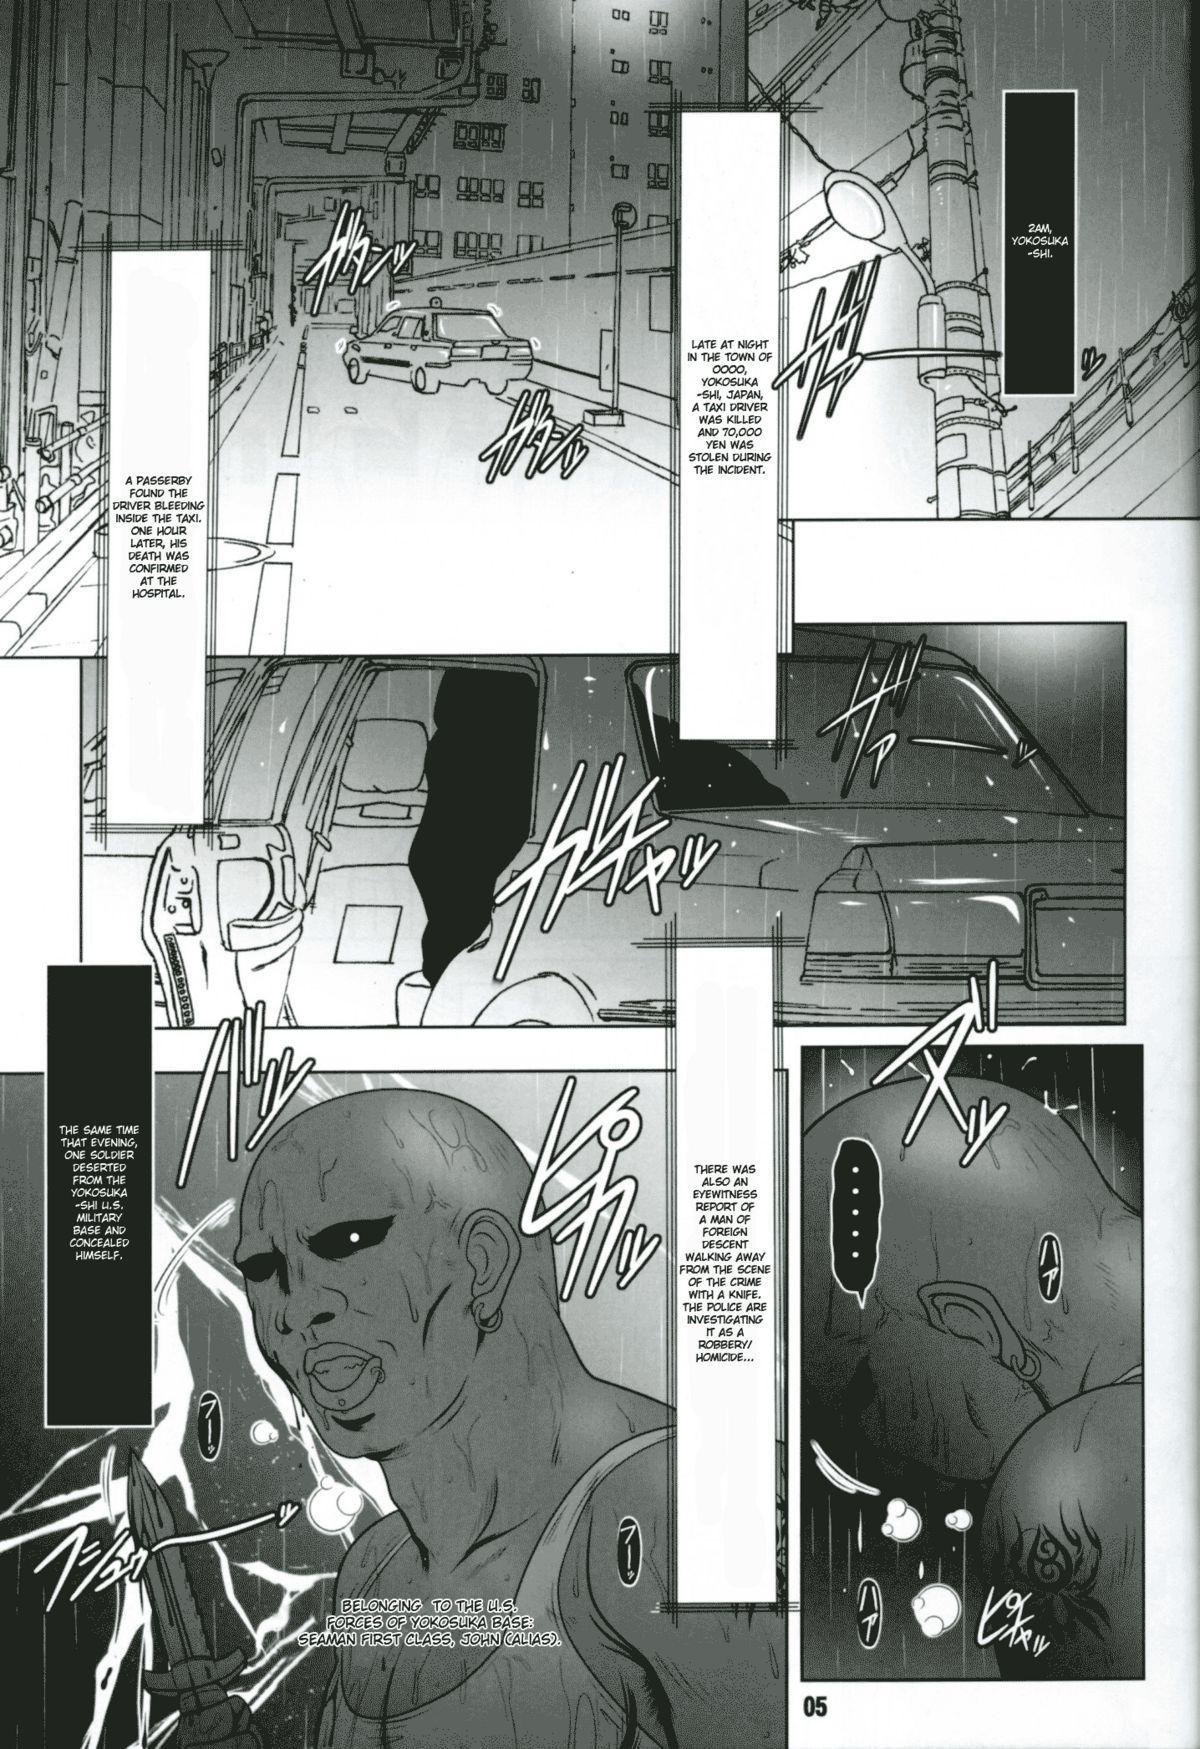 Kuroiro Jikan - Black Time 3